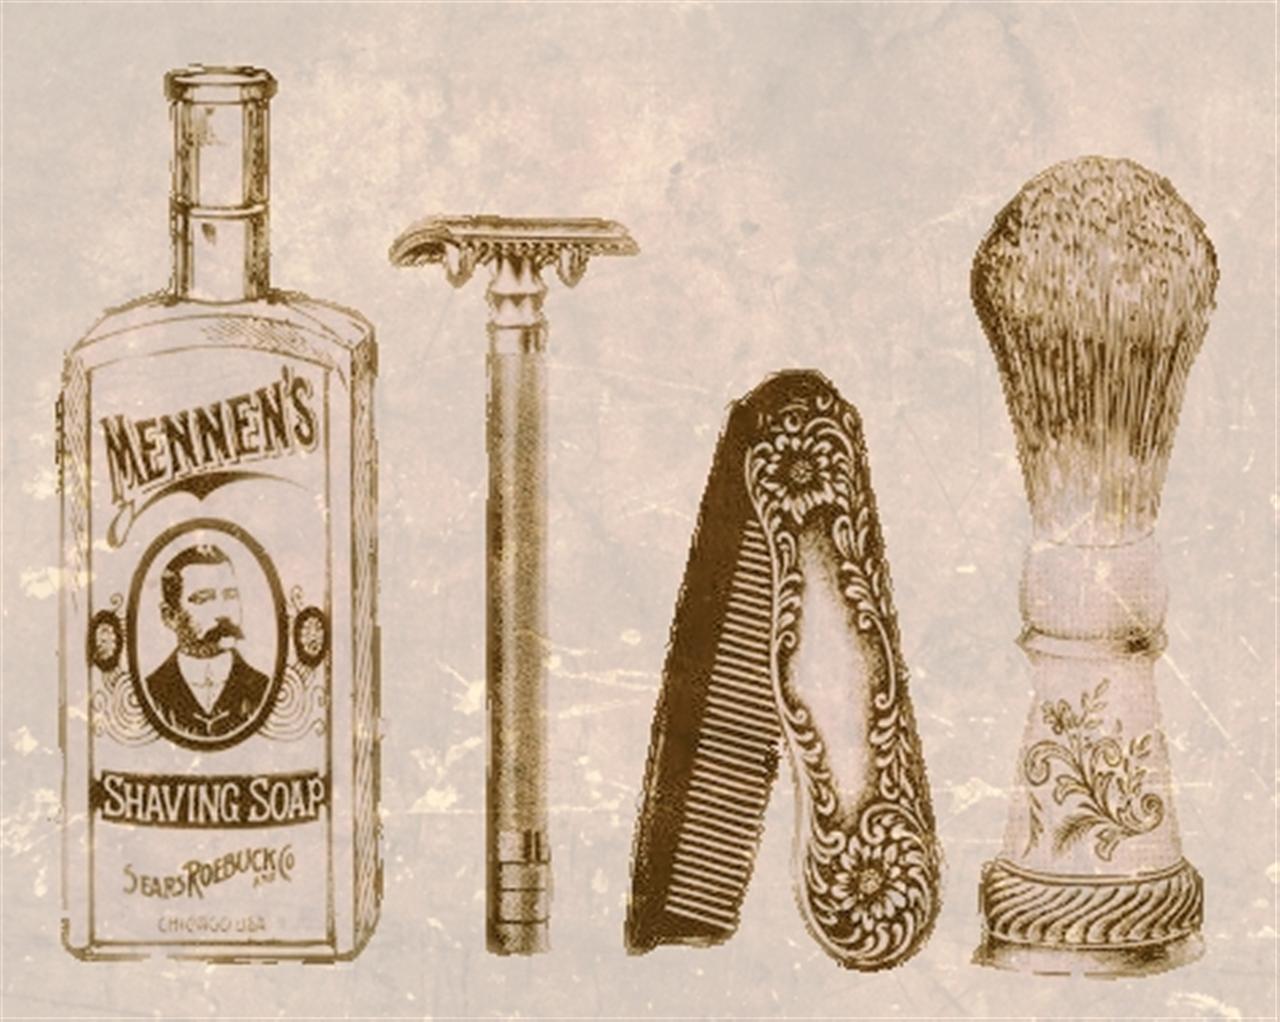 Vybrať najlepšiu vodu po holení nie je žiadna veda. Poradíme vám, ako na to